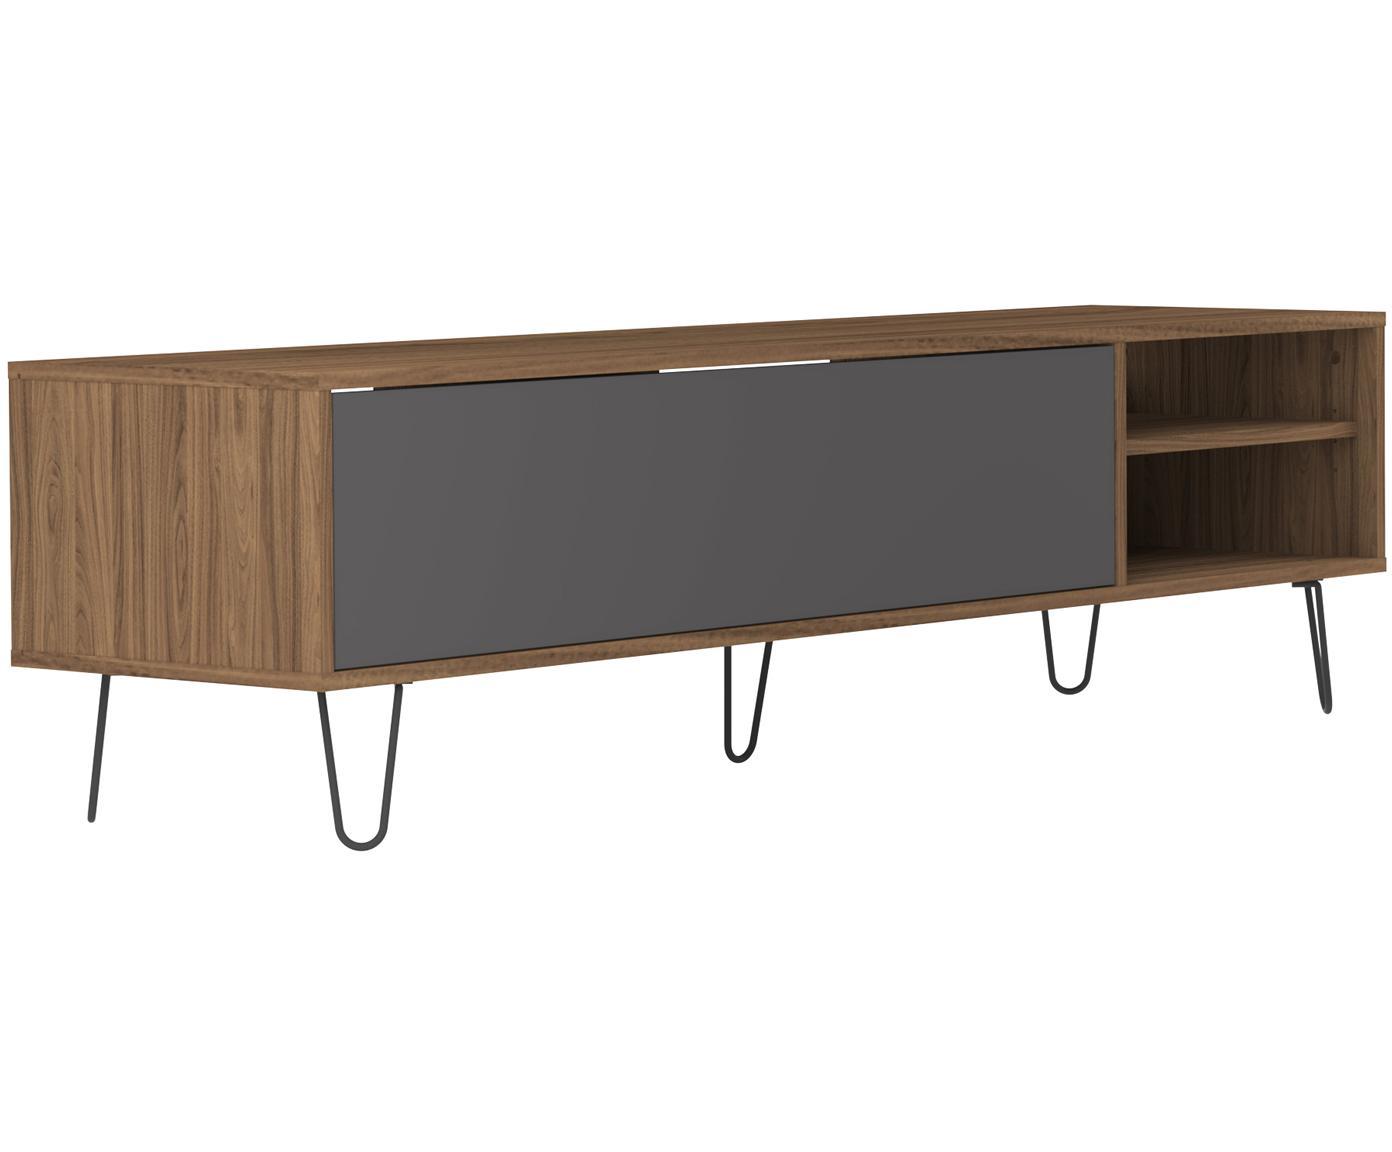 Mobile TV basso con anta a ribalta Aero, Piedini: metallo, verniciato, Grigio, albero di noce, Larg. 165 x Alt. 44 cm